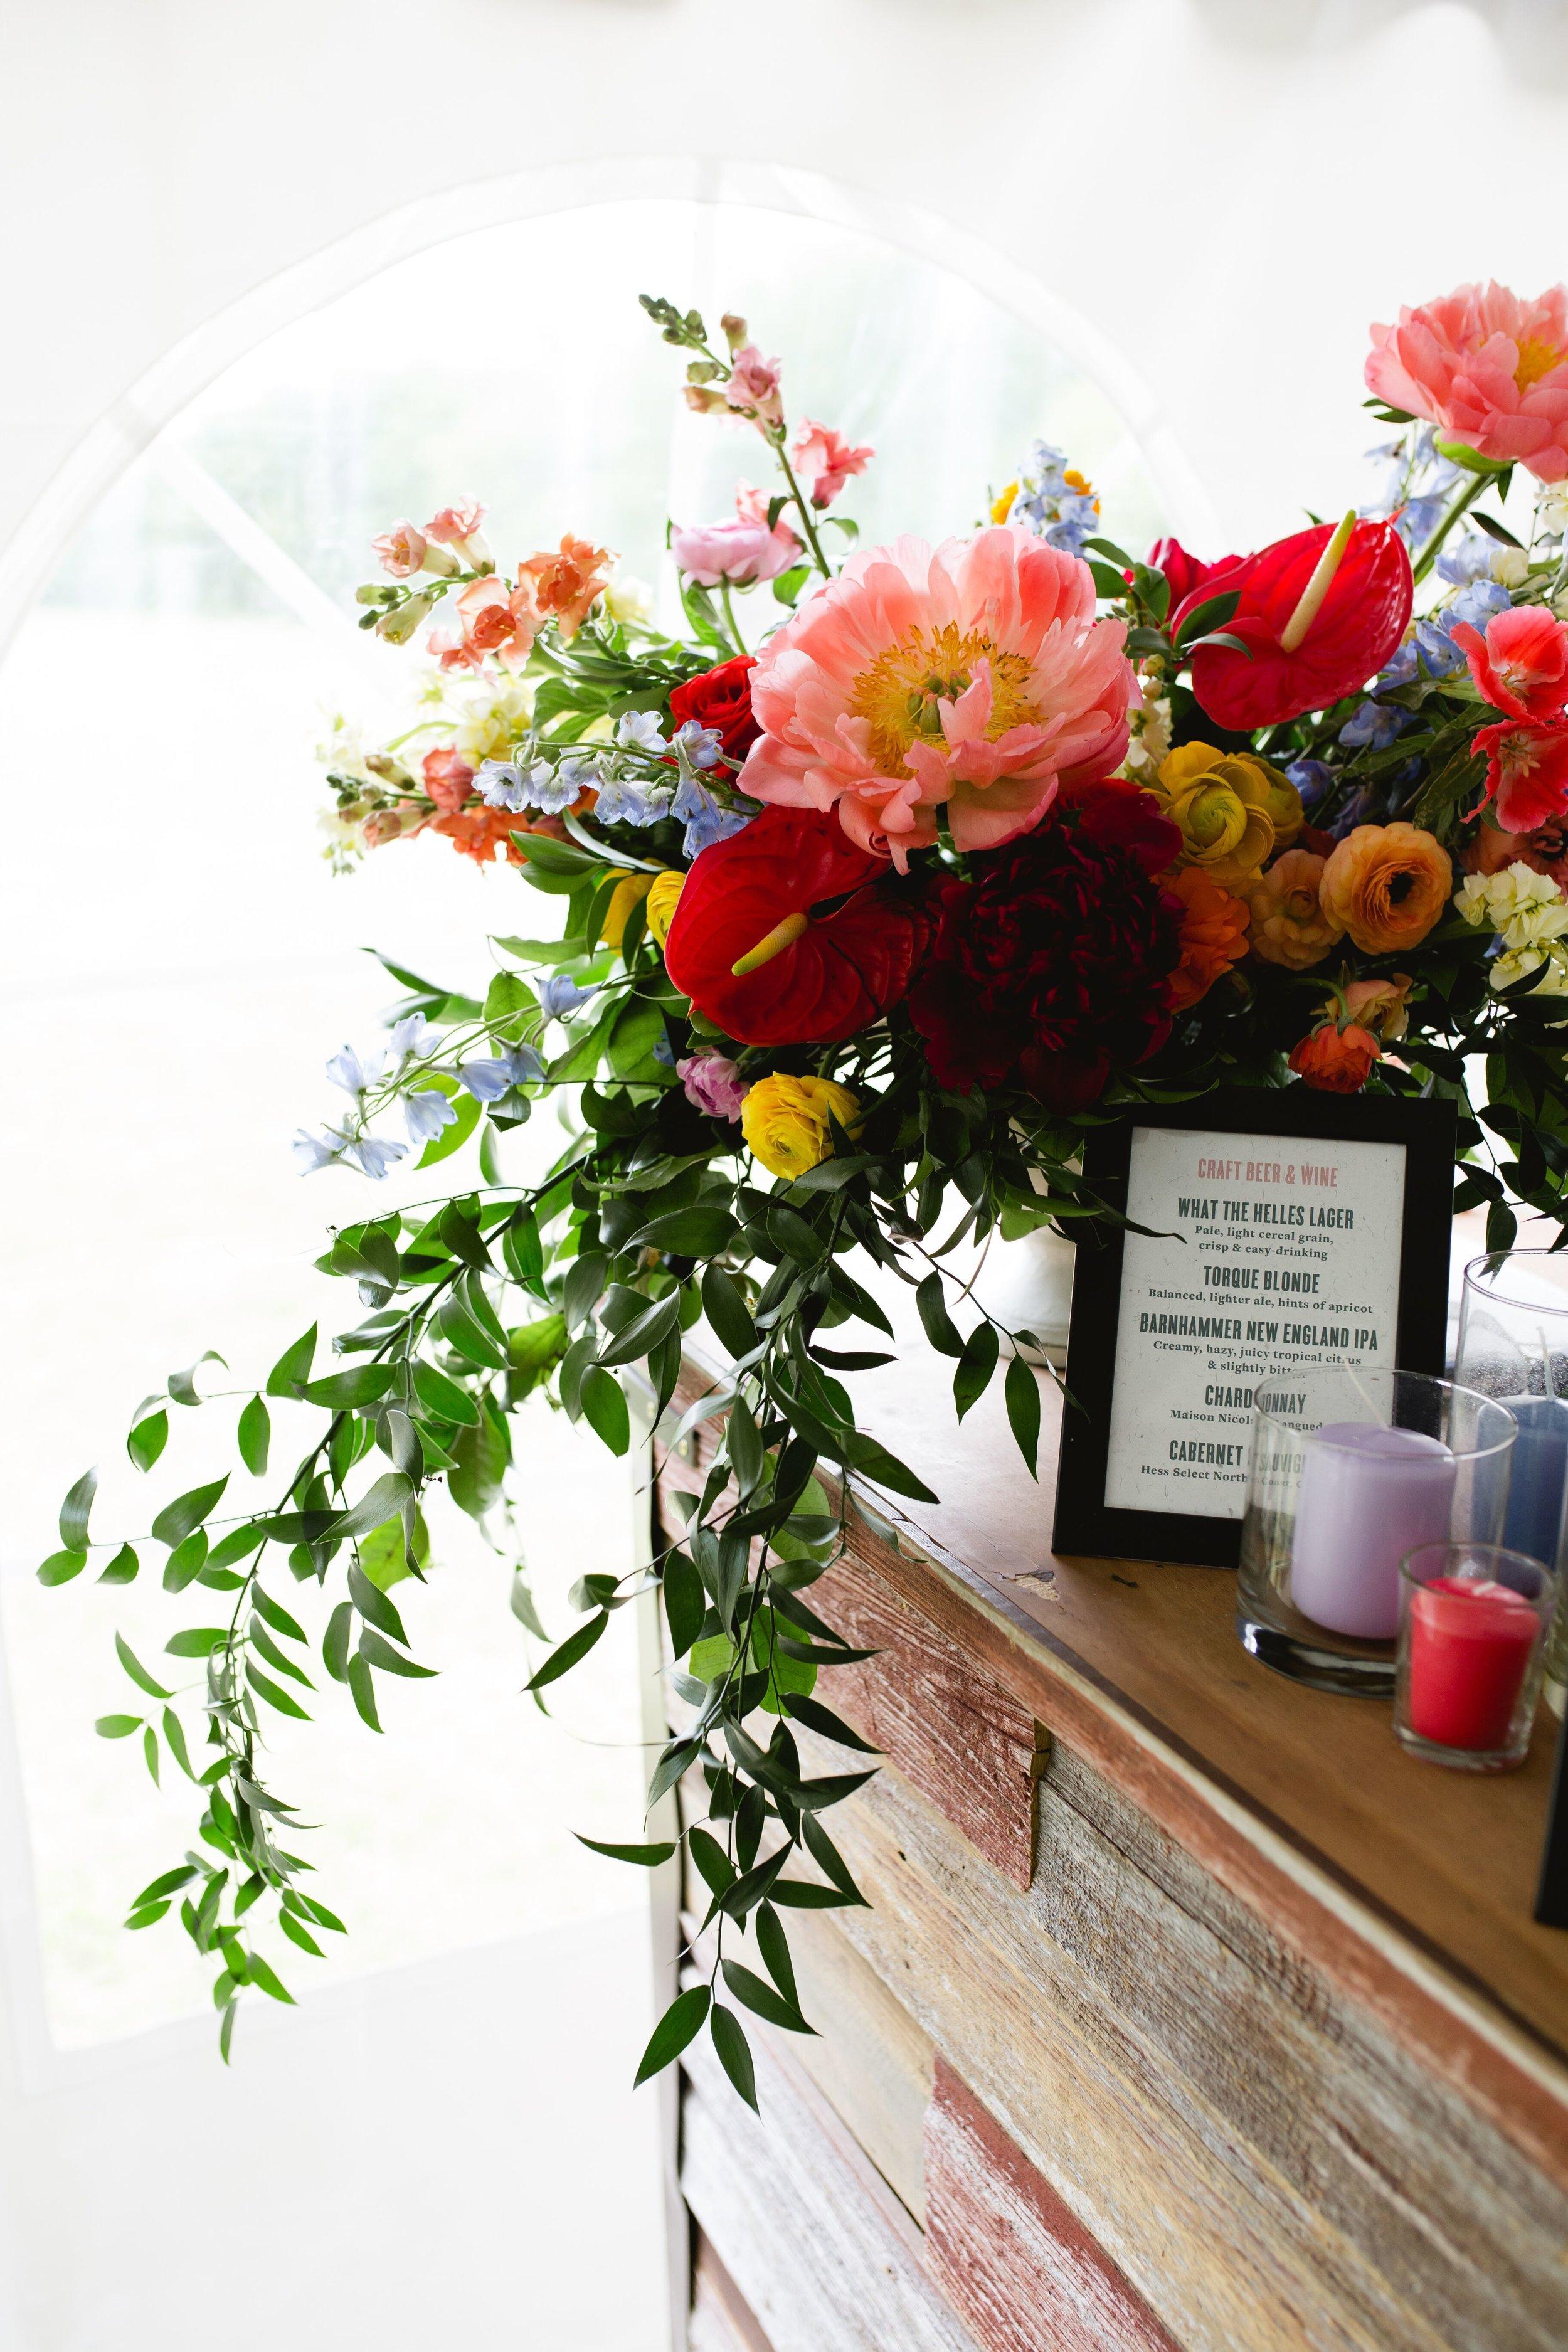 Bar flowers